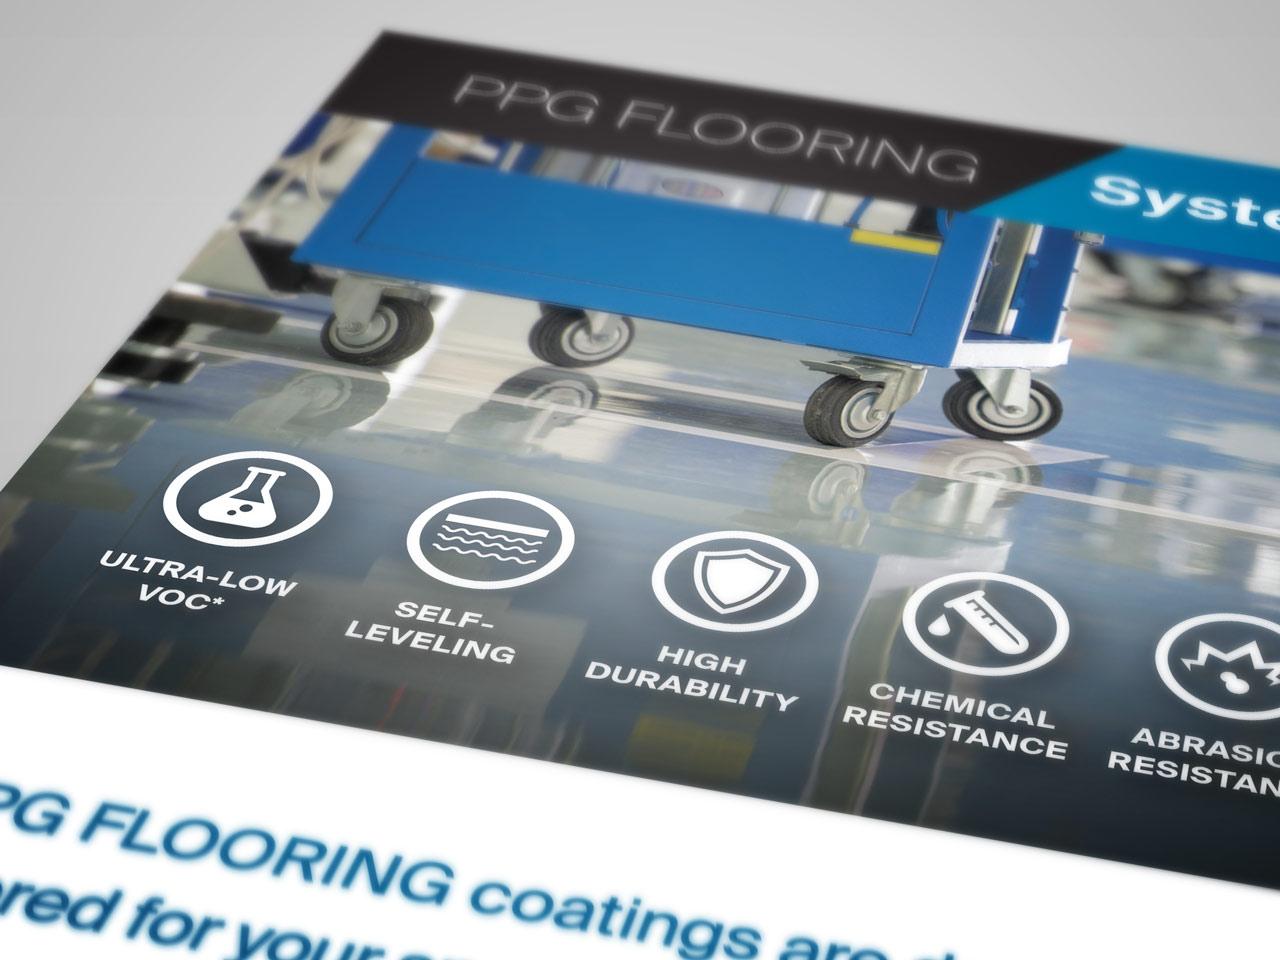 ppg-flooring-02c